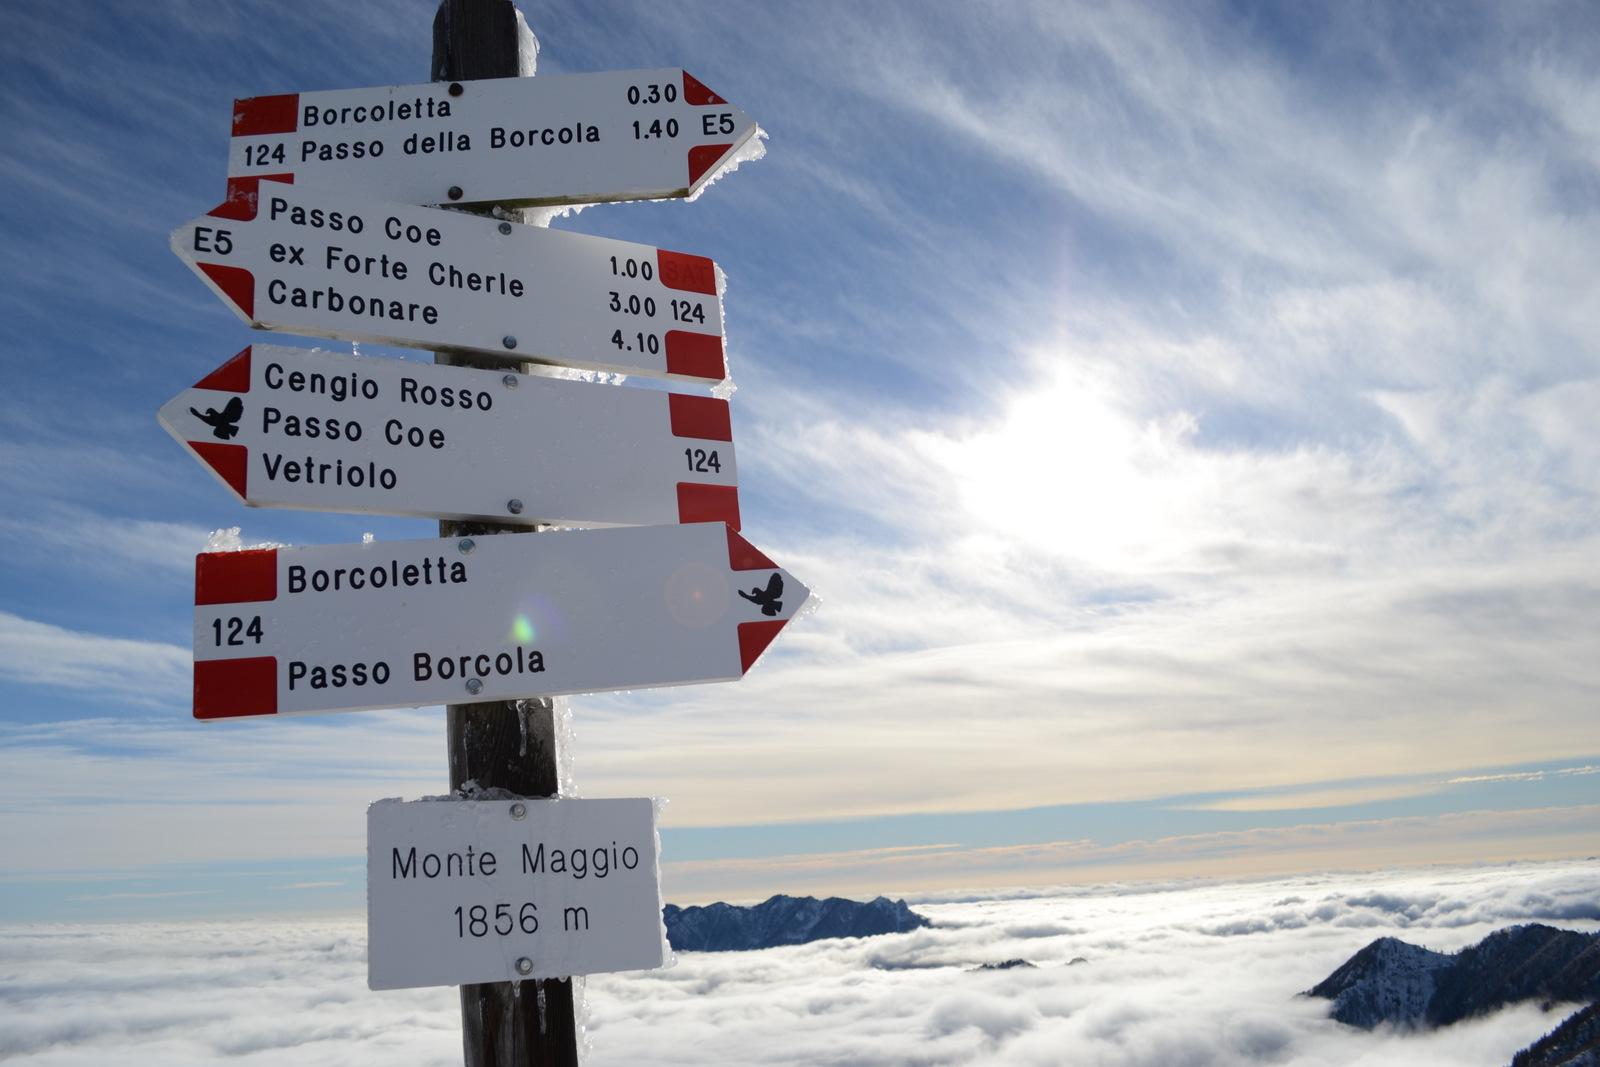 Monte Maggio – Alpe Cimbra